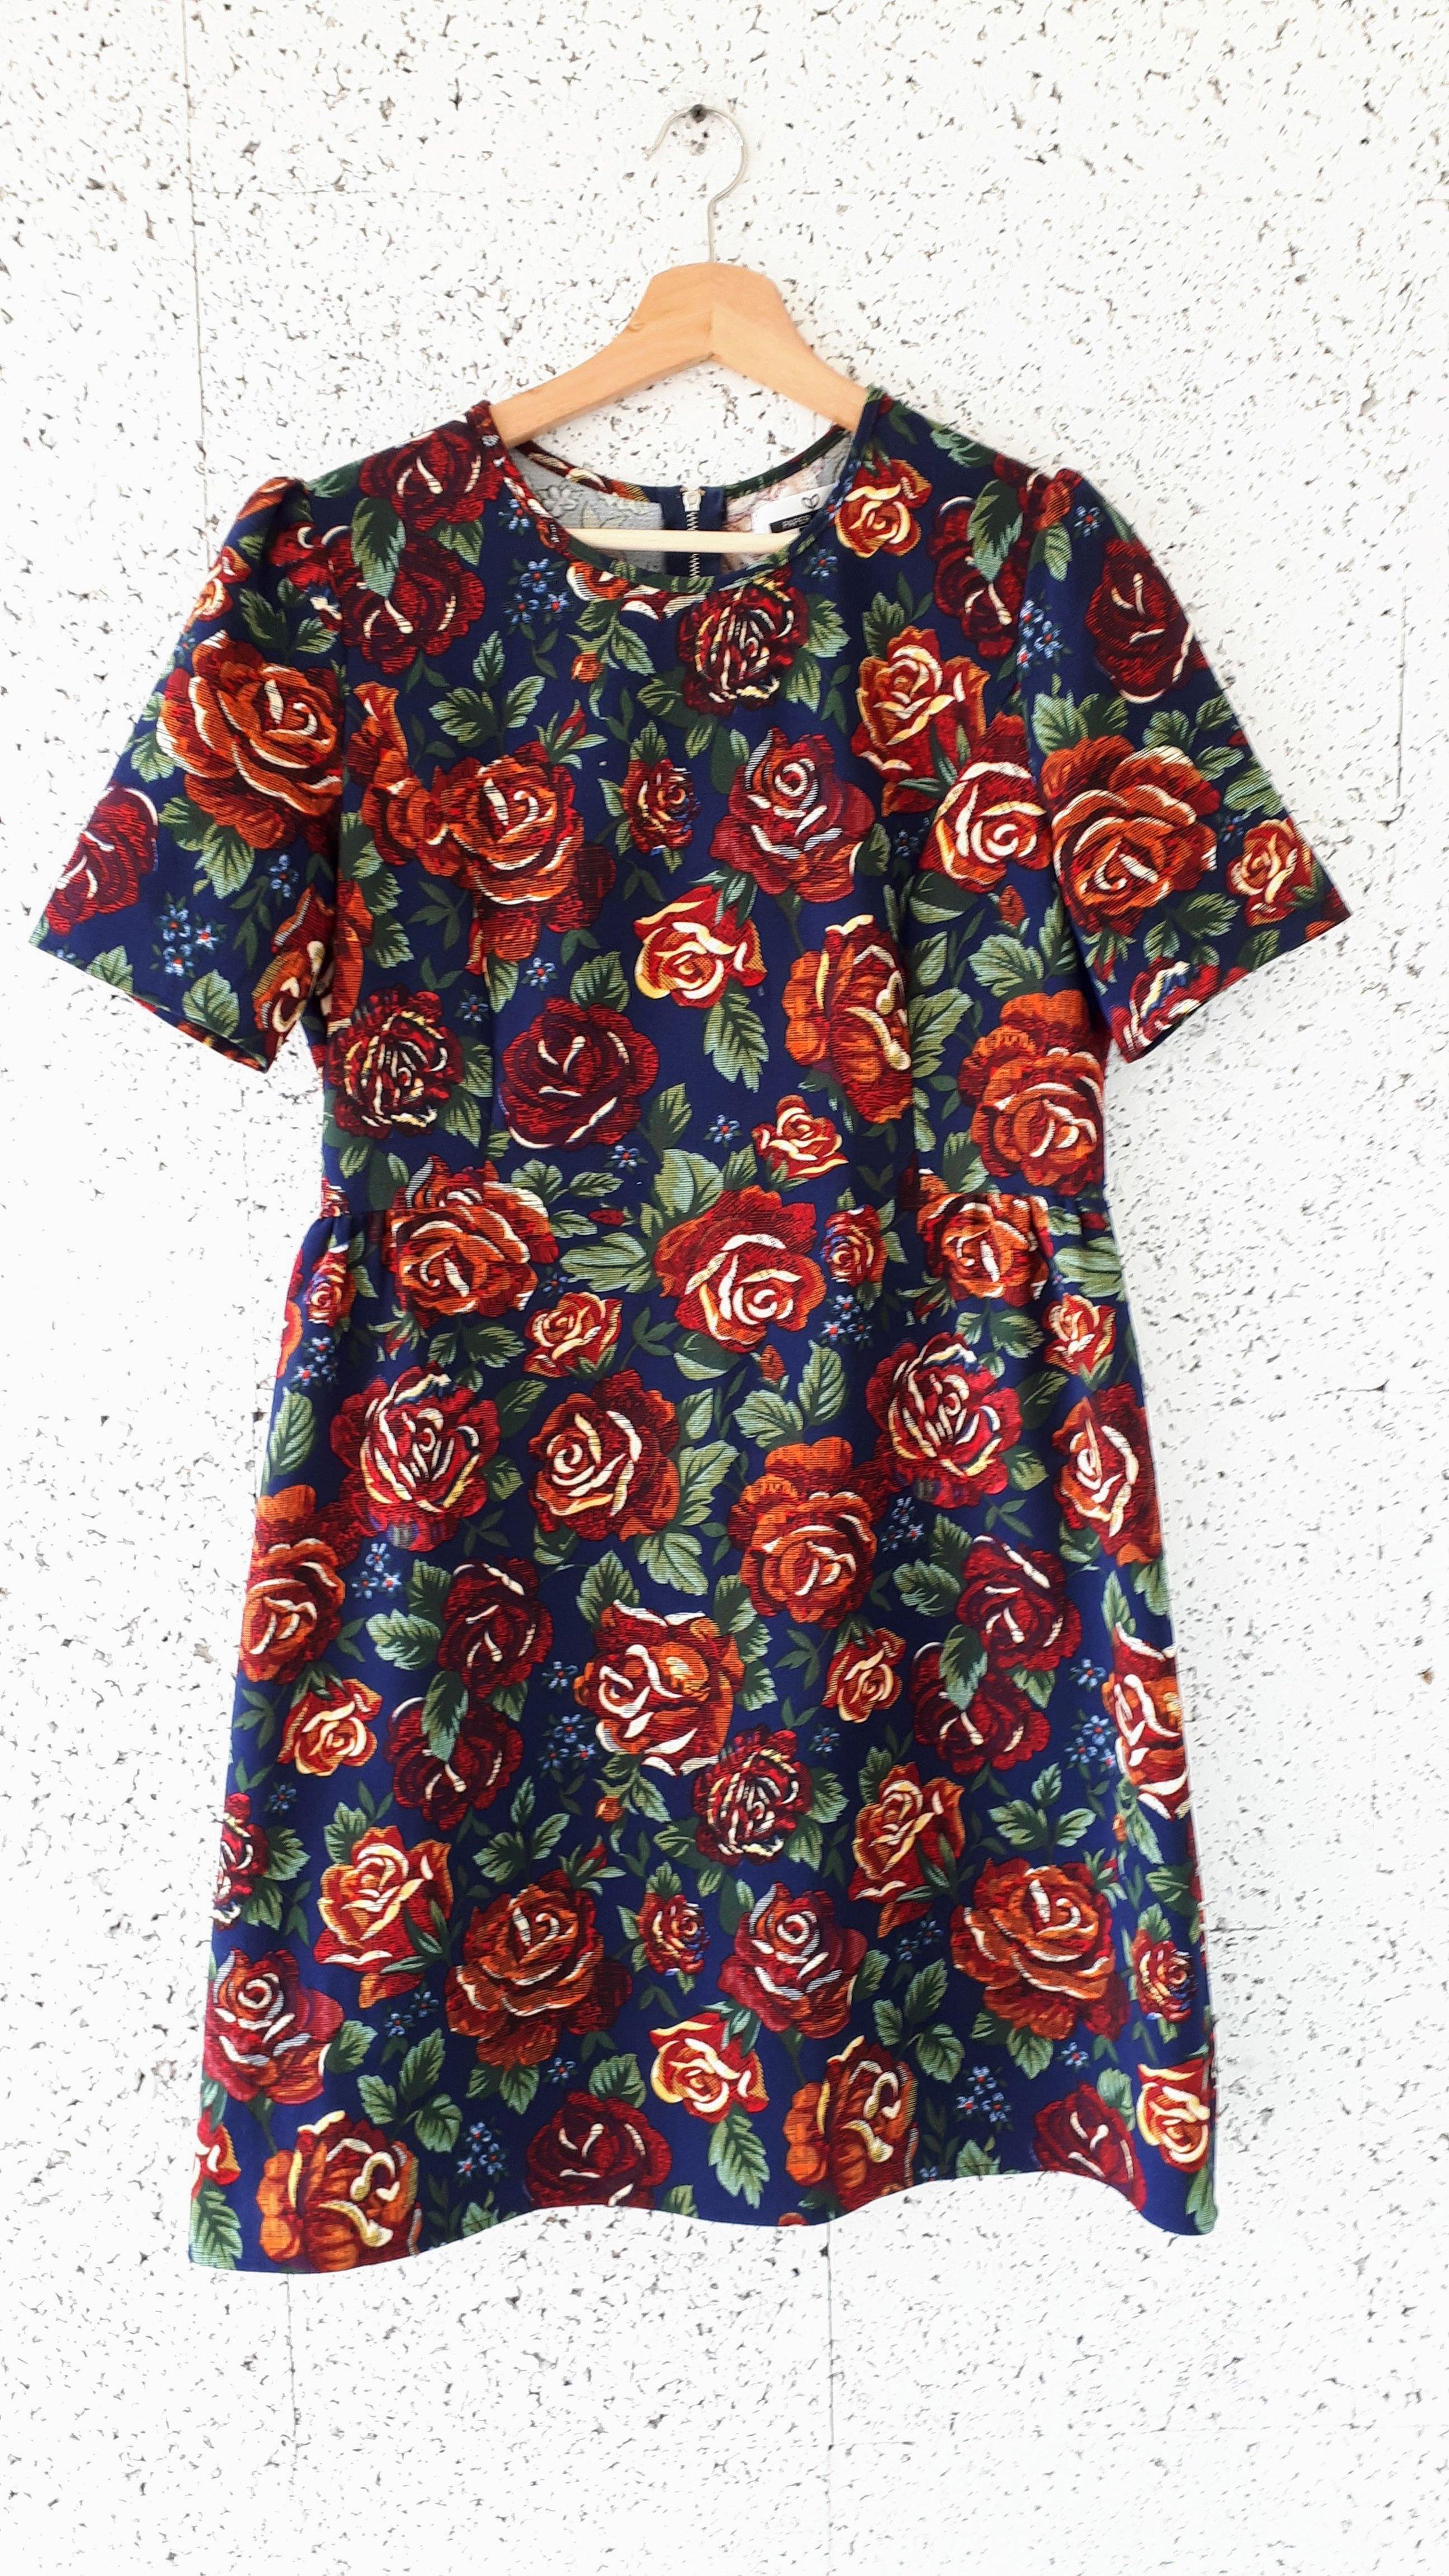 Paper Plane London dress; Size XL, $46